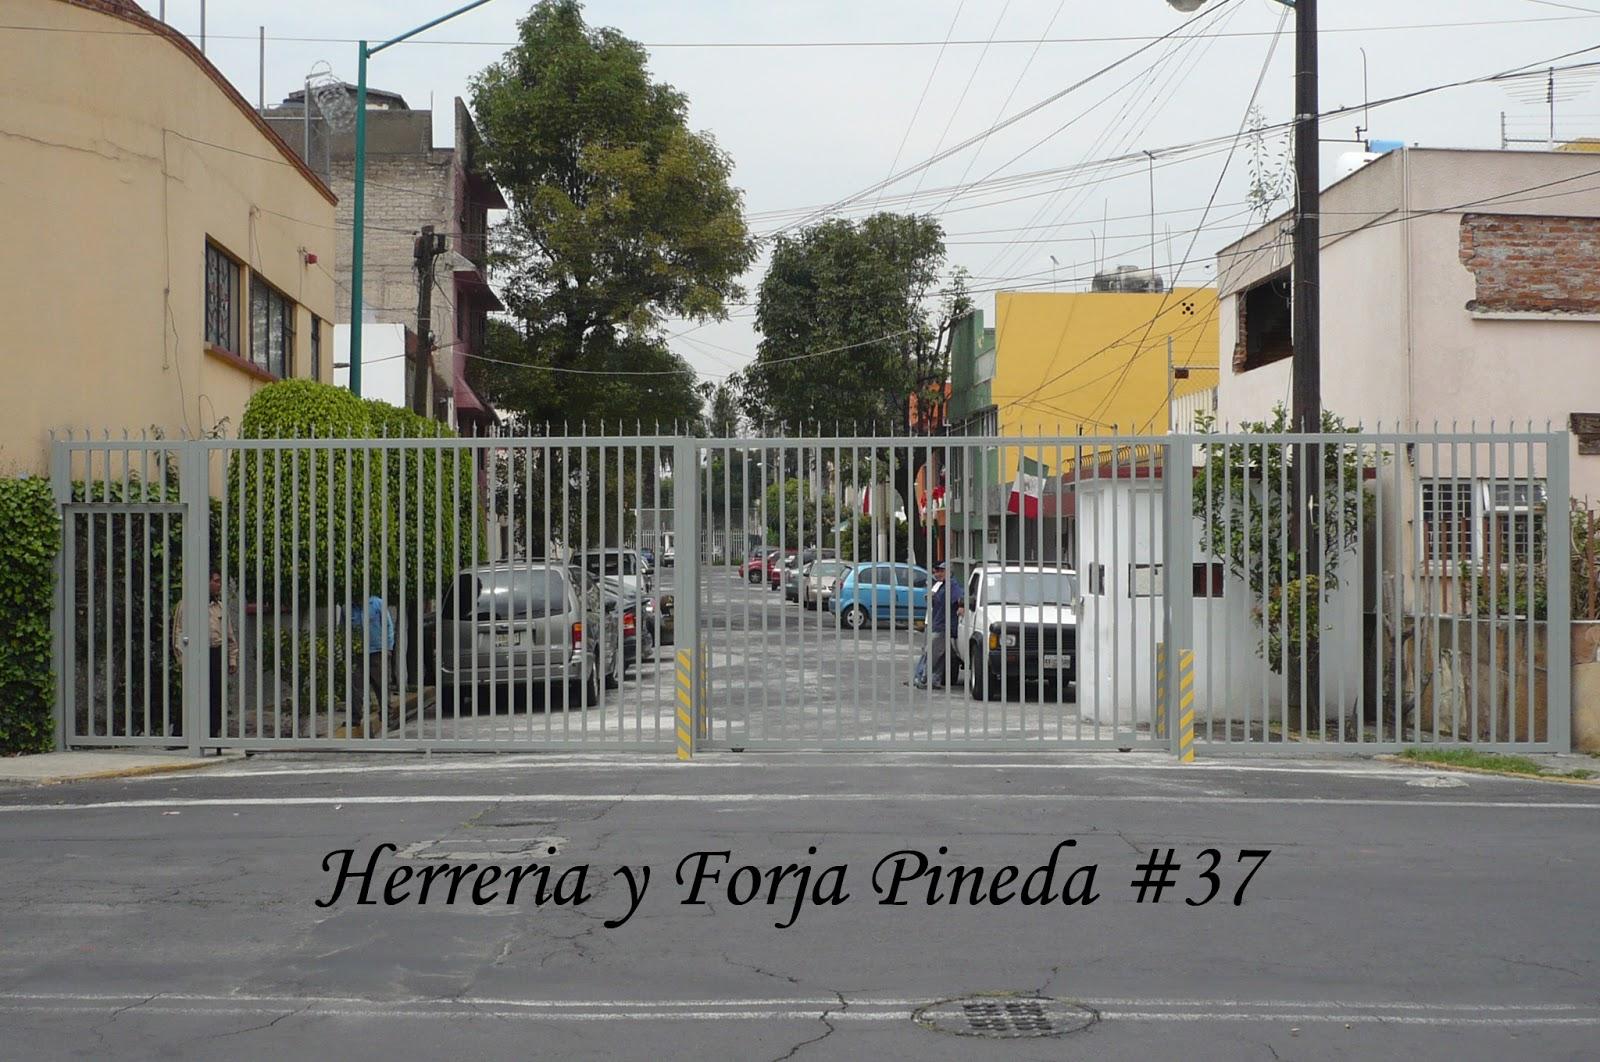 Herreria y Forja Pineda